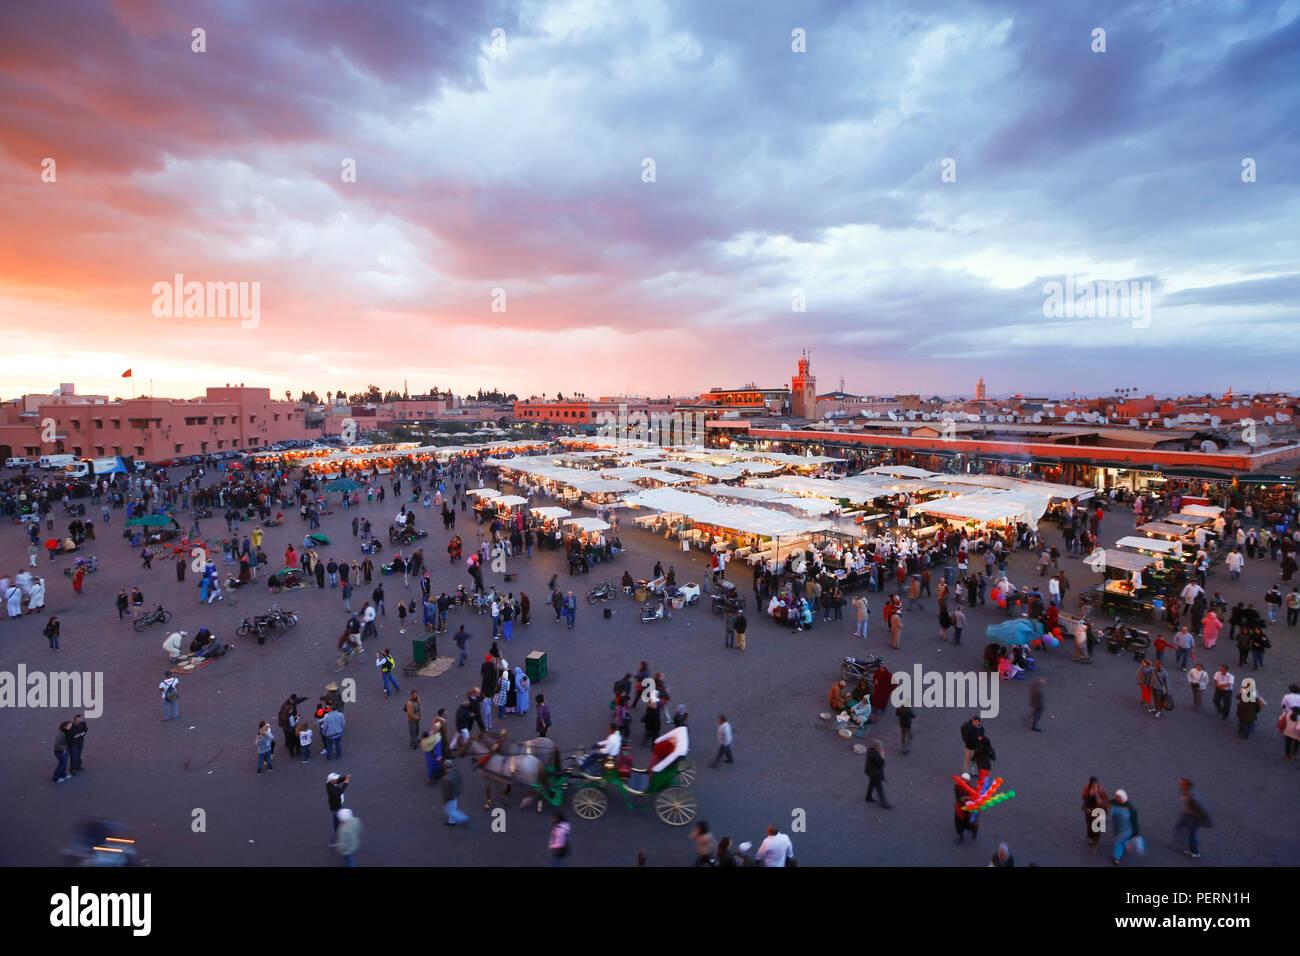 Vista elevada sobre el Djemaa el-Fna de Marrakech (Marrakech), Marruecos, Norte de África, África Imagen De Stock